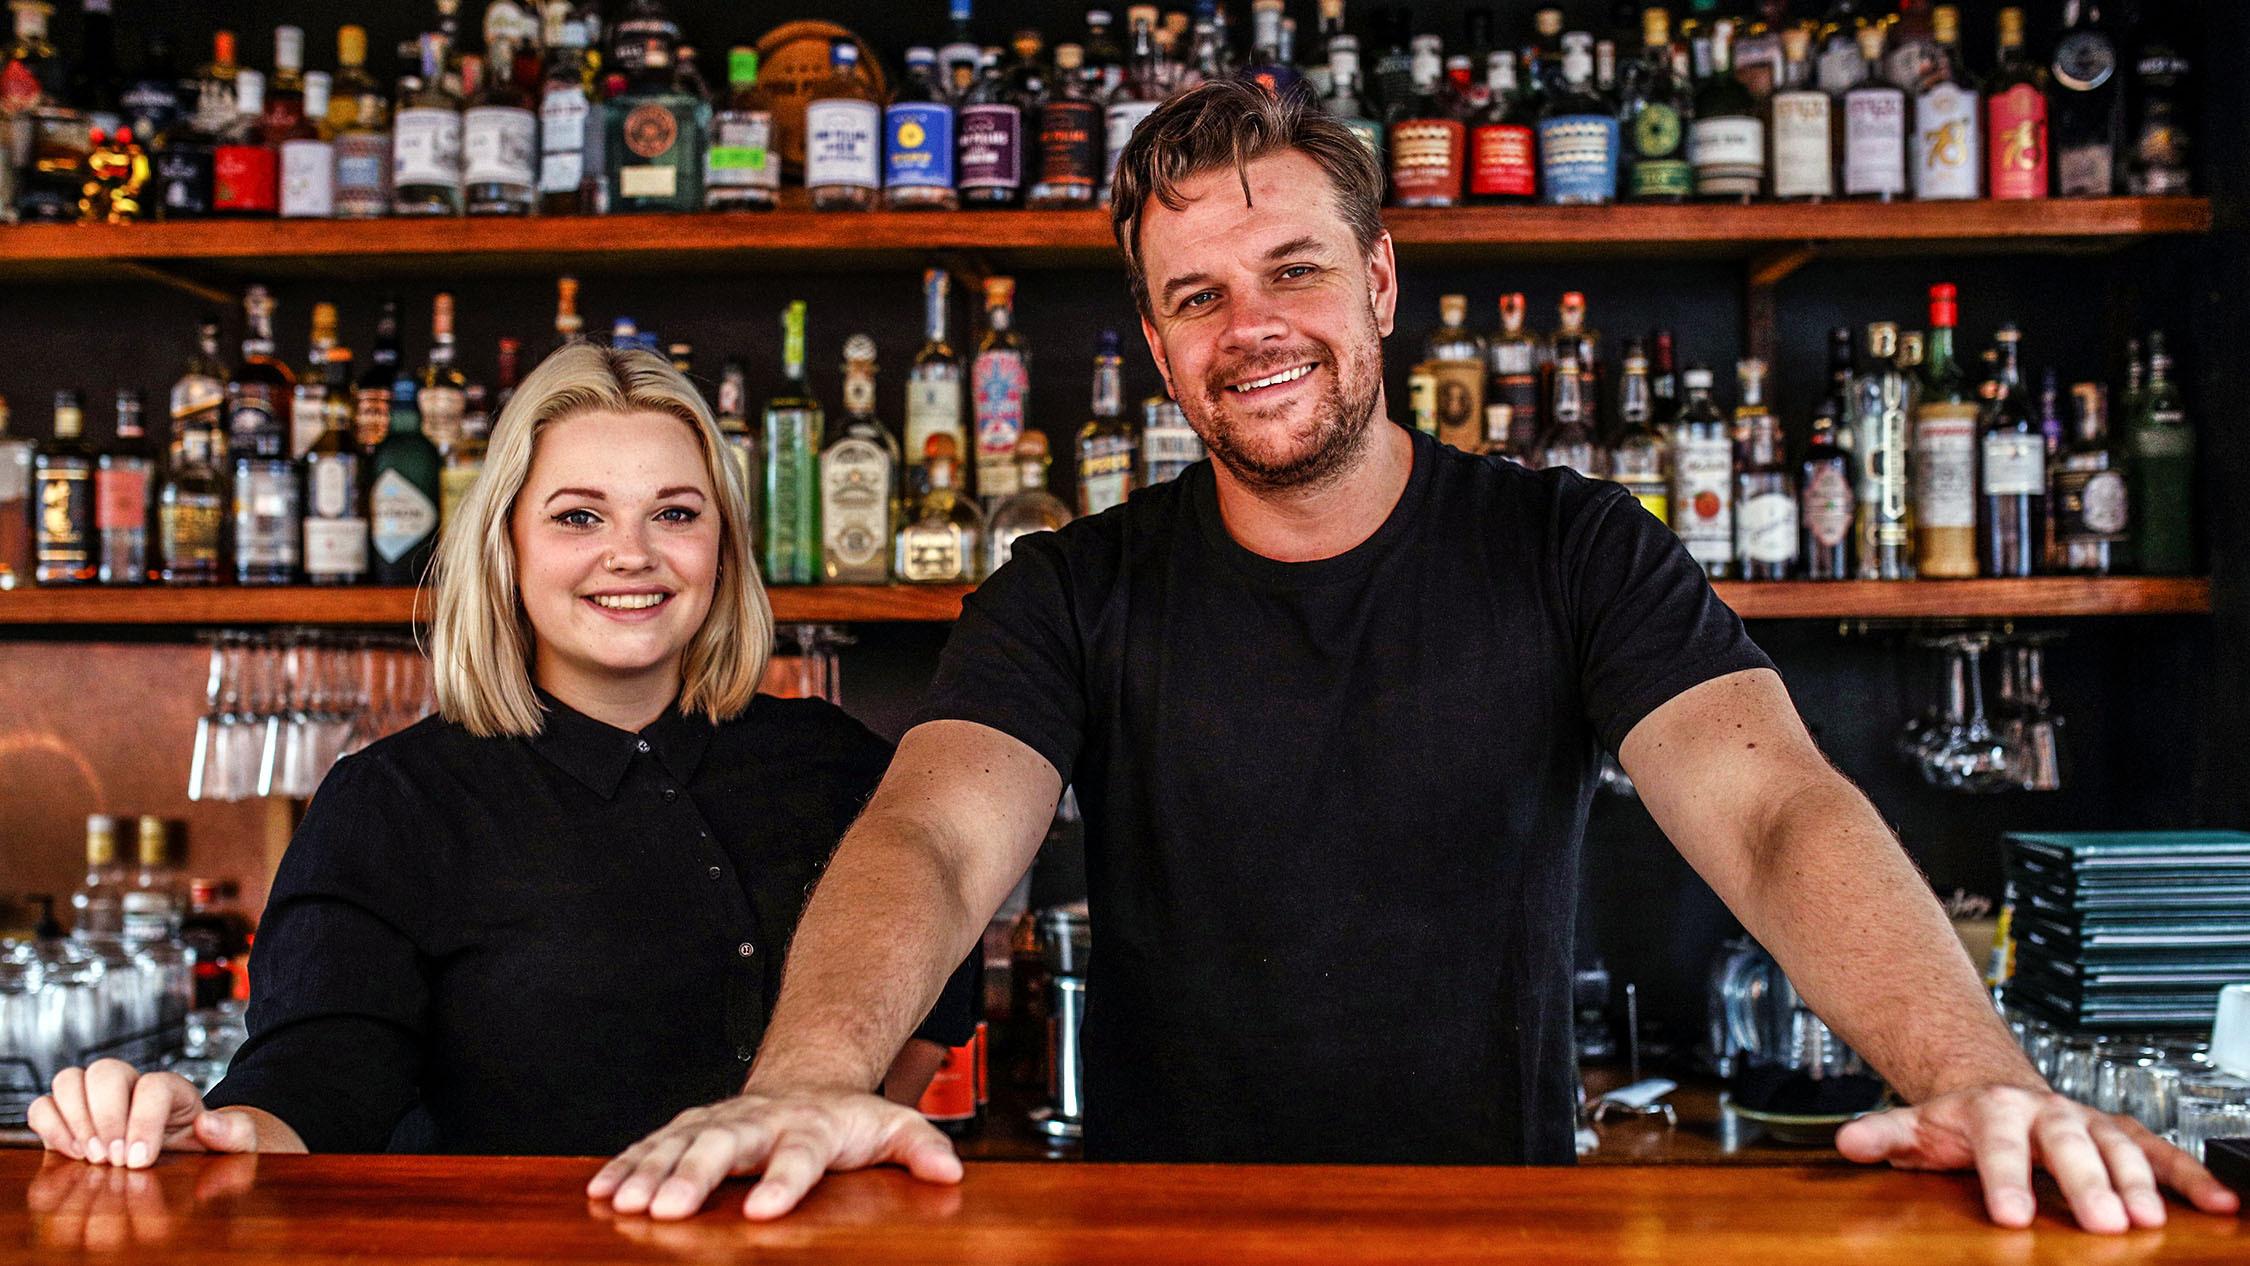 Best Bar Team